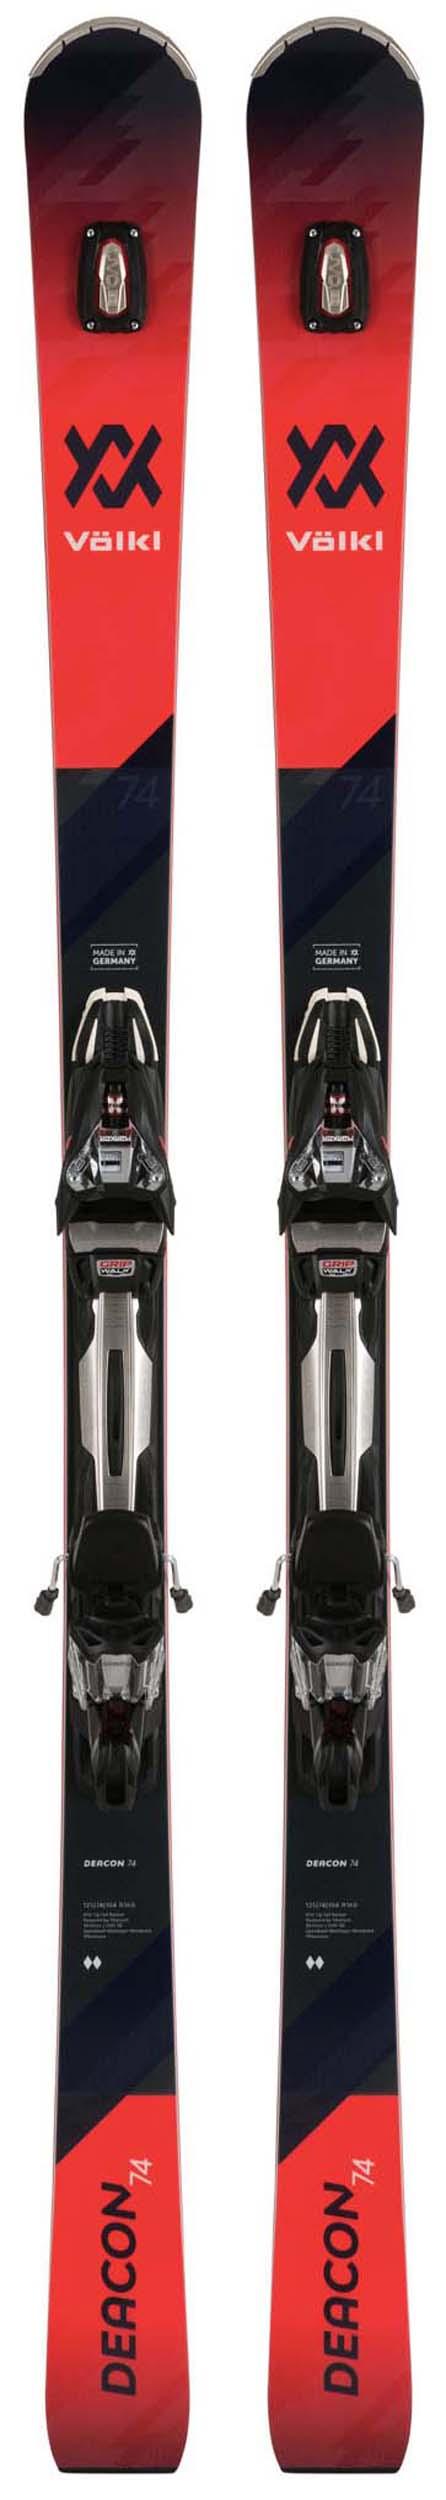 Volkl 2020 Deacon 74 Skis w/rMotion2 12 GW ALU Bindings NEW !! 168,173cm